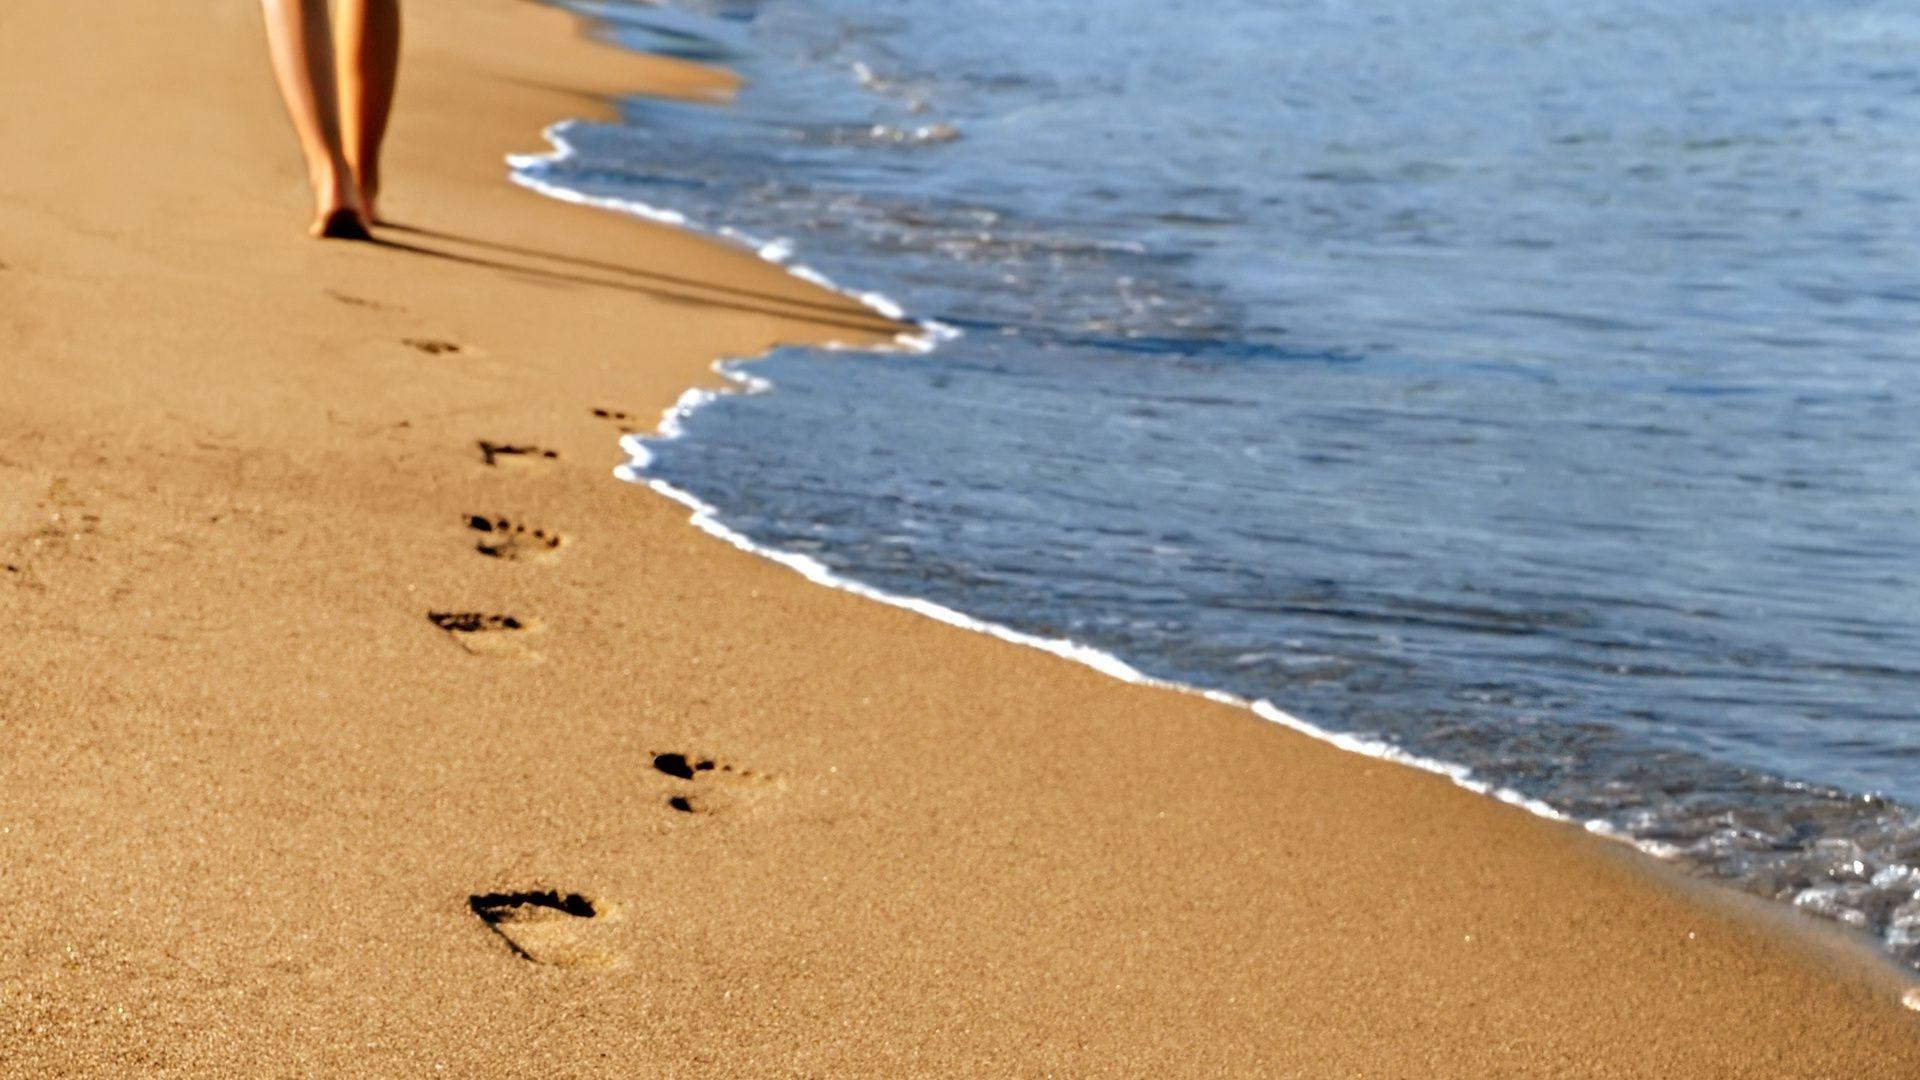 коврики выдвижные след на песке фото рисунком это комплект